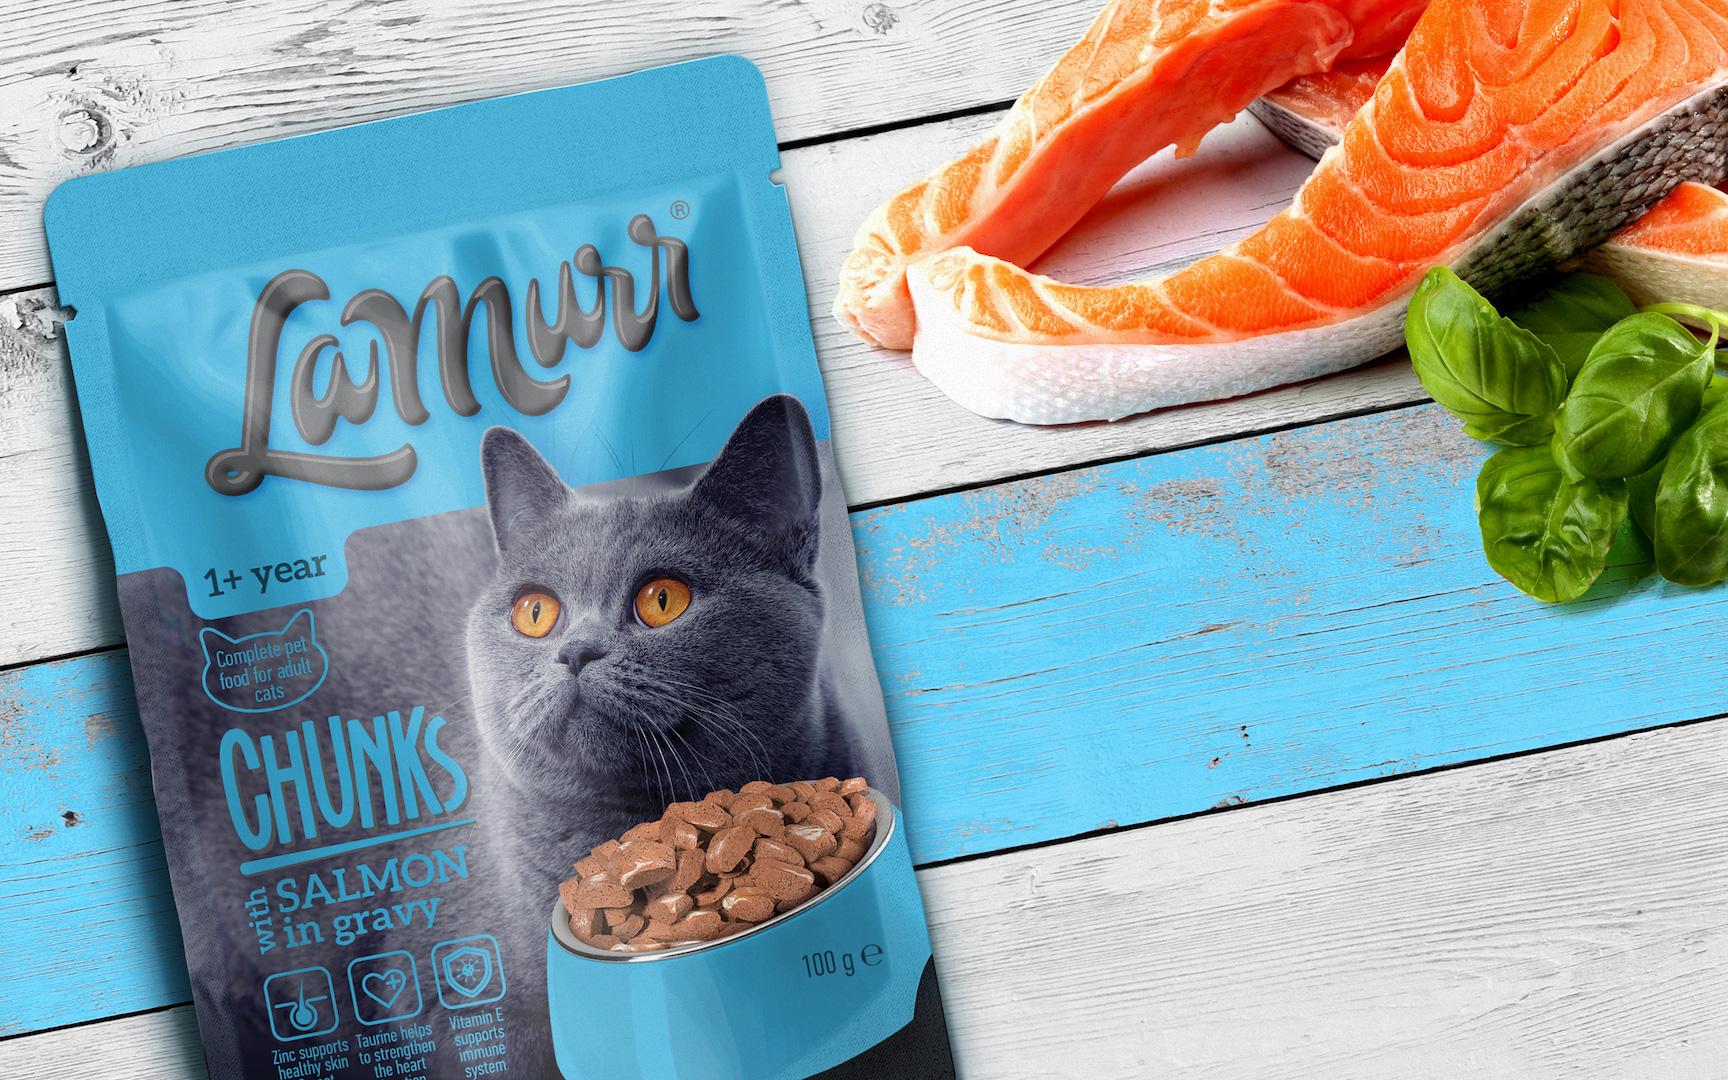 LaMurr Branding and Packaging / World Brand Design Society